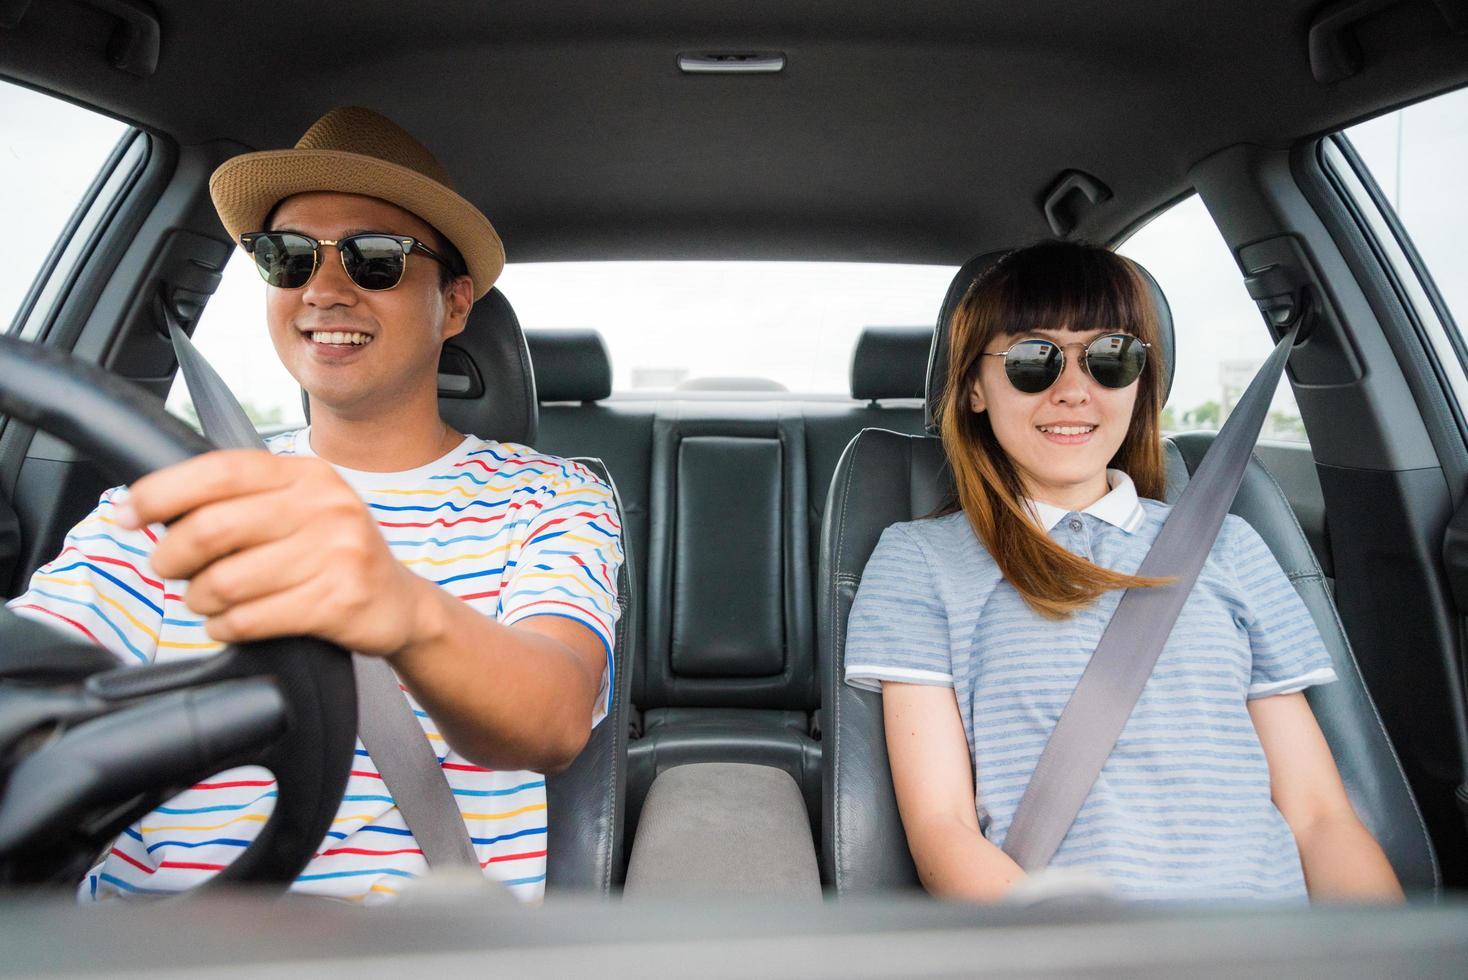 Mann und Frau haben Spaß beim Fahren foto